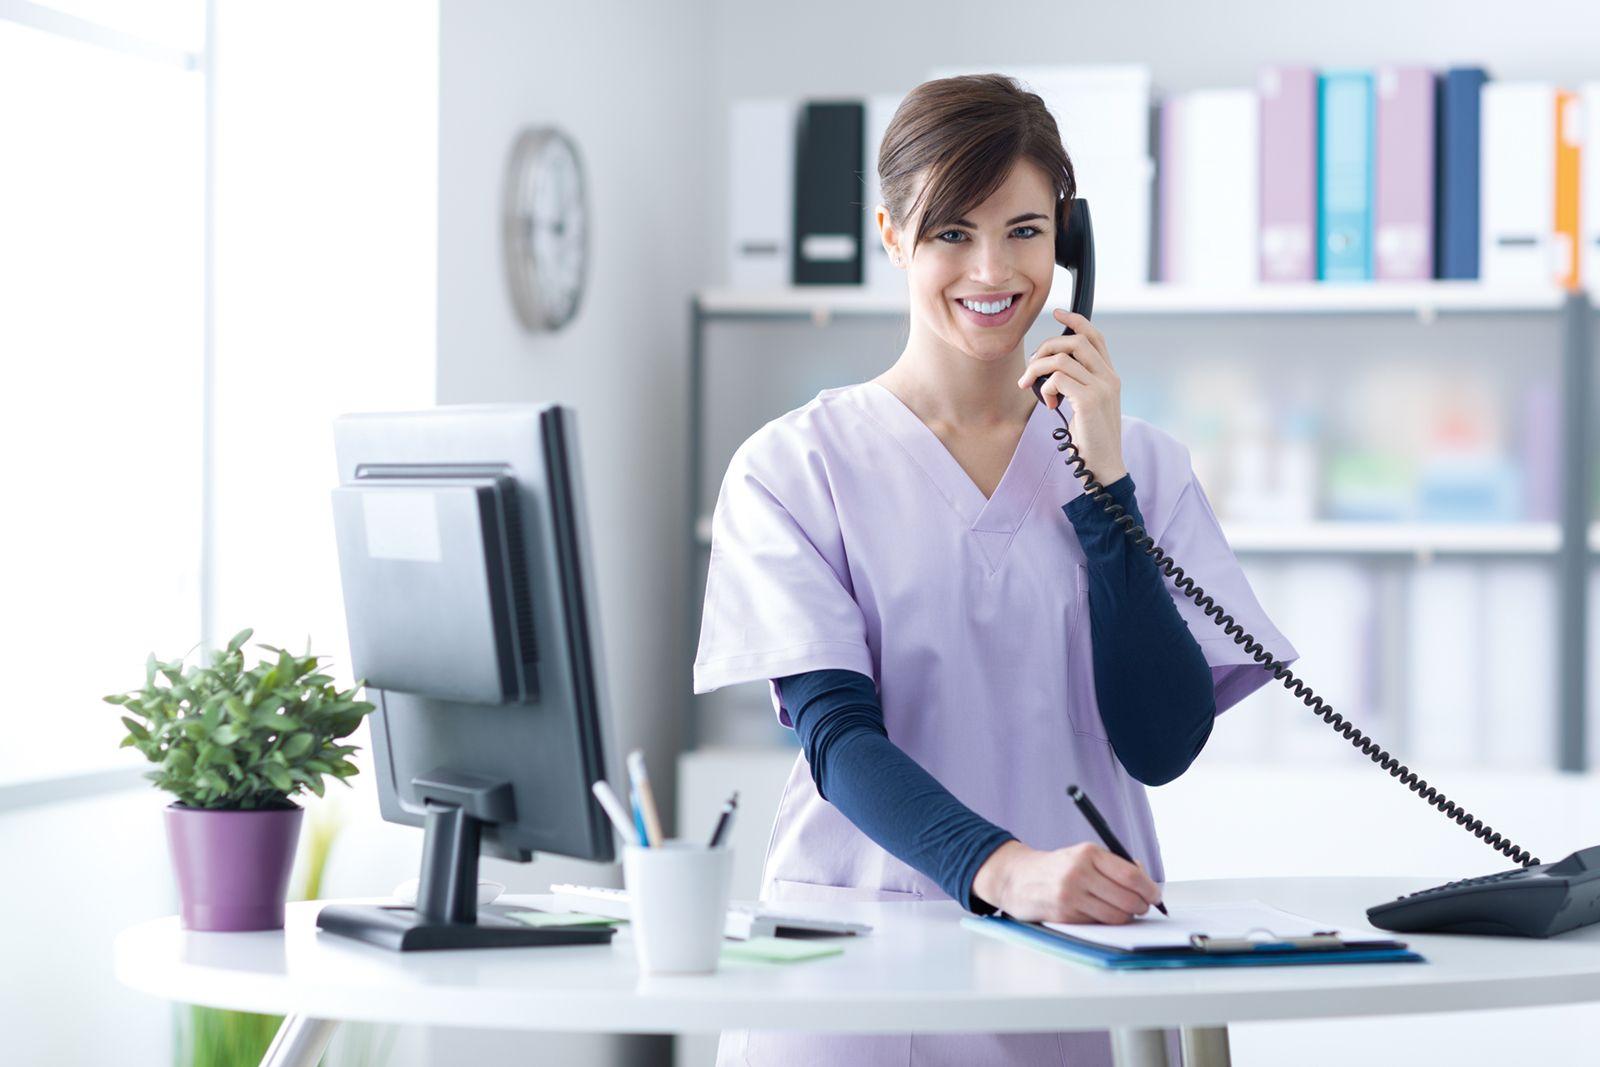 Come attrarre i clienti verso la vostra clinica